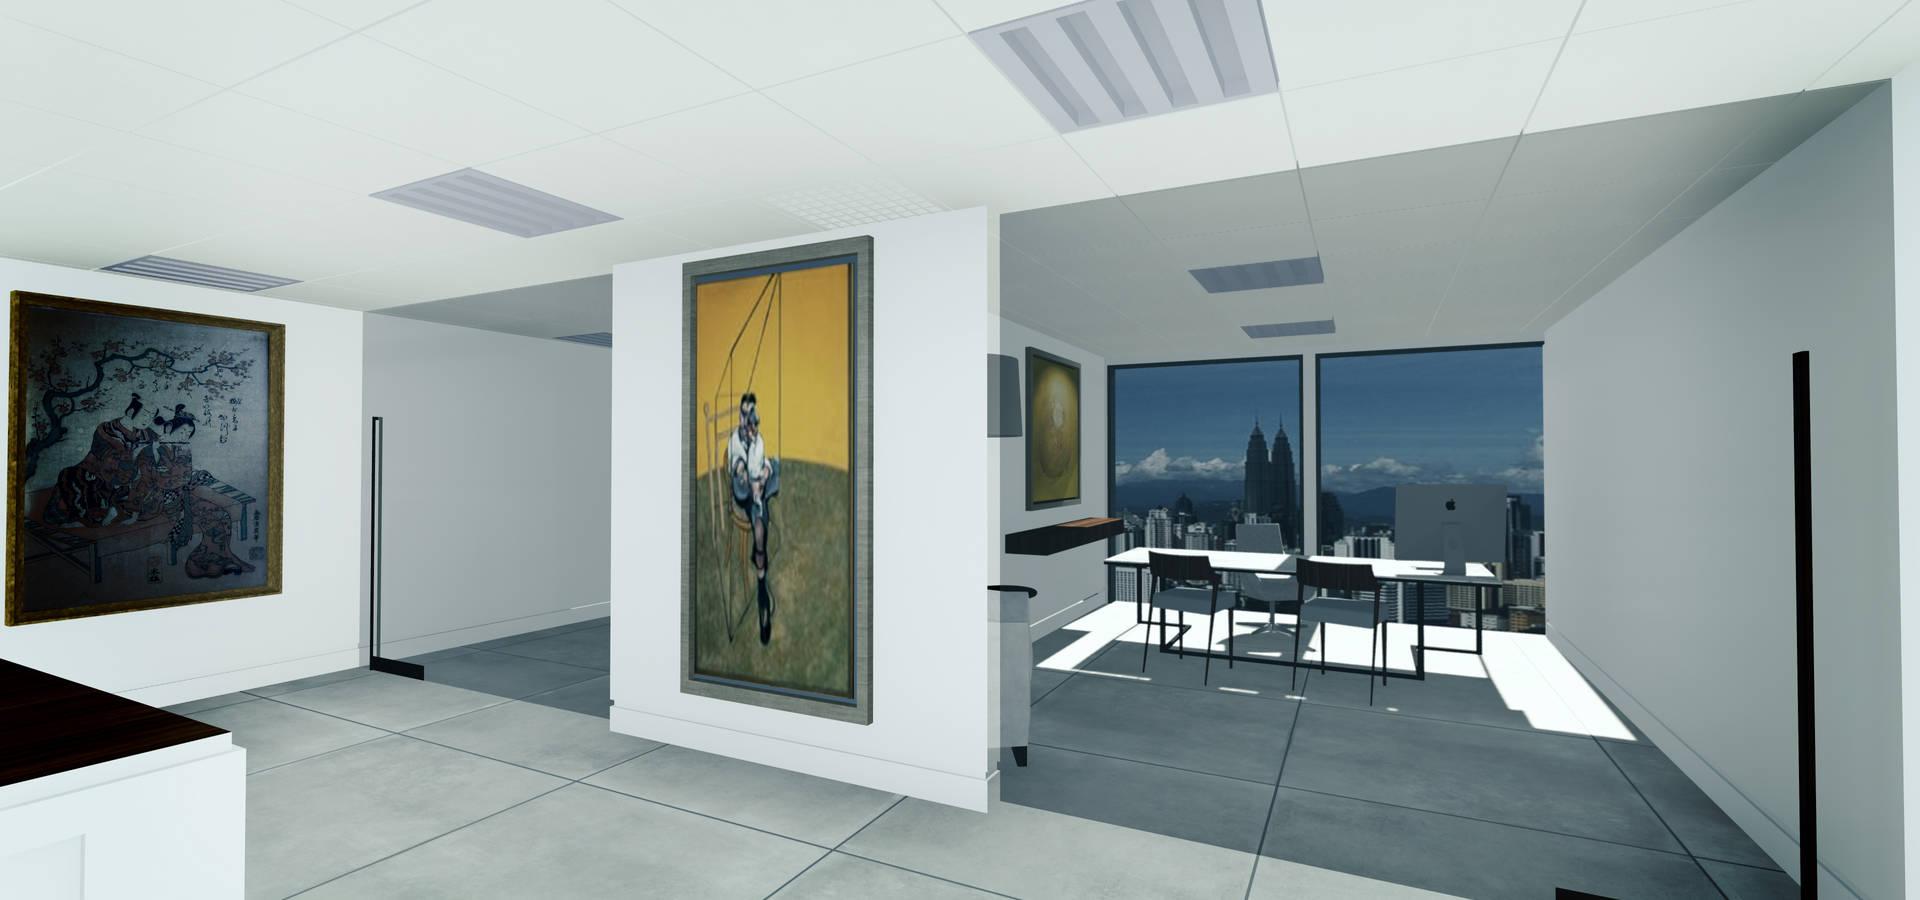 Render per uffici di rendering studio 3d homify - Immagini di uffici ...